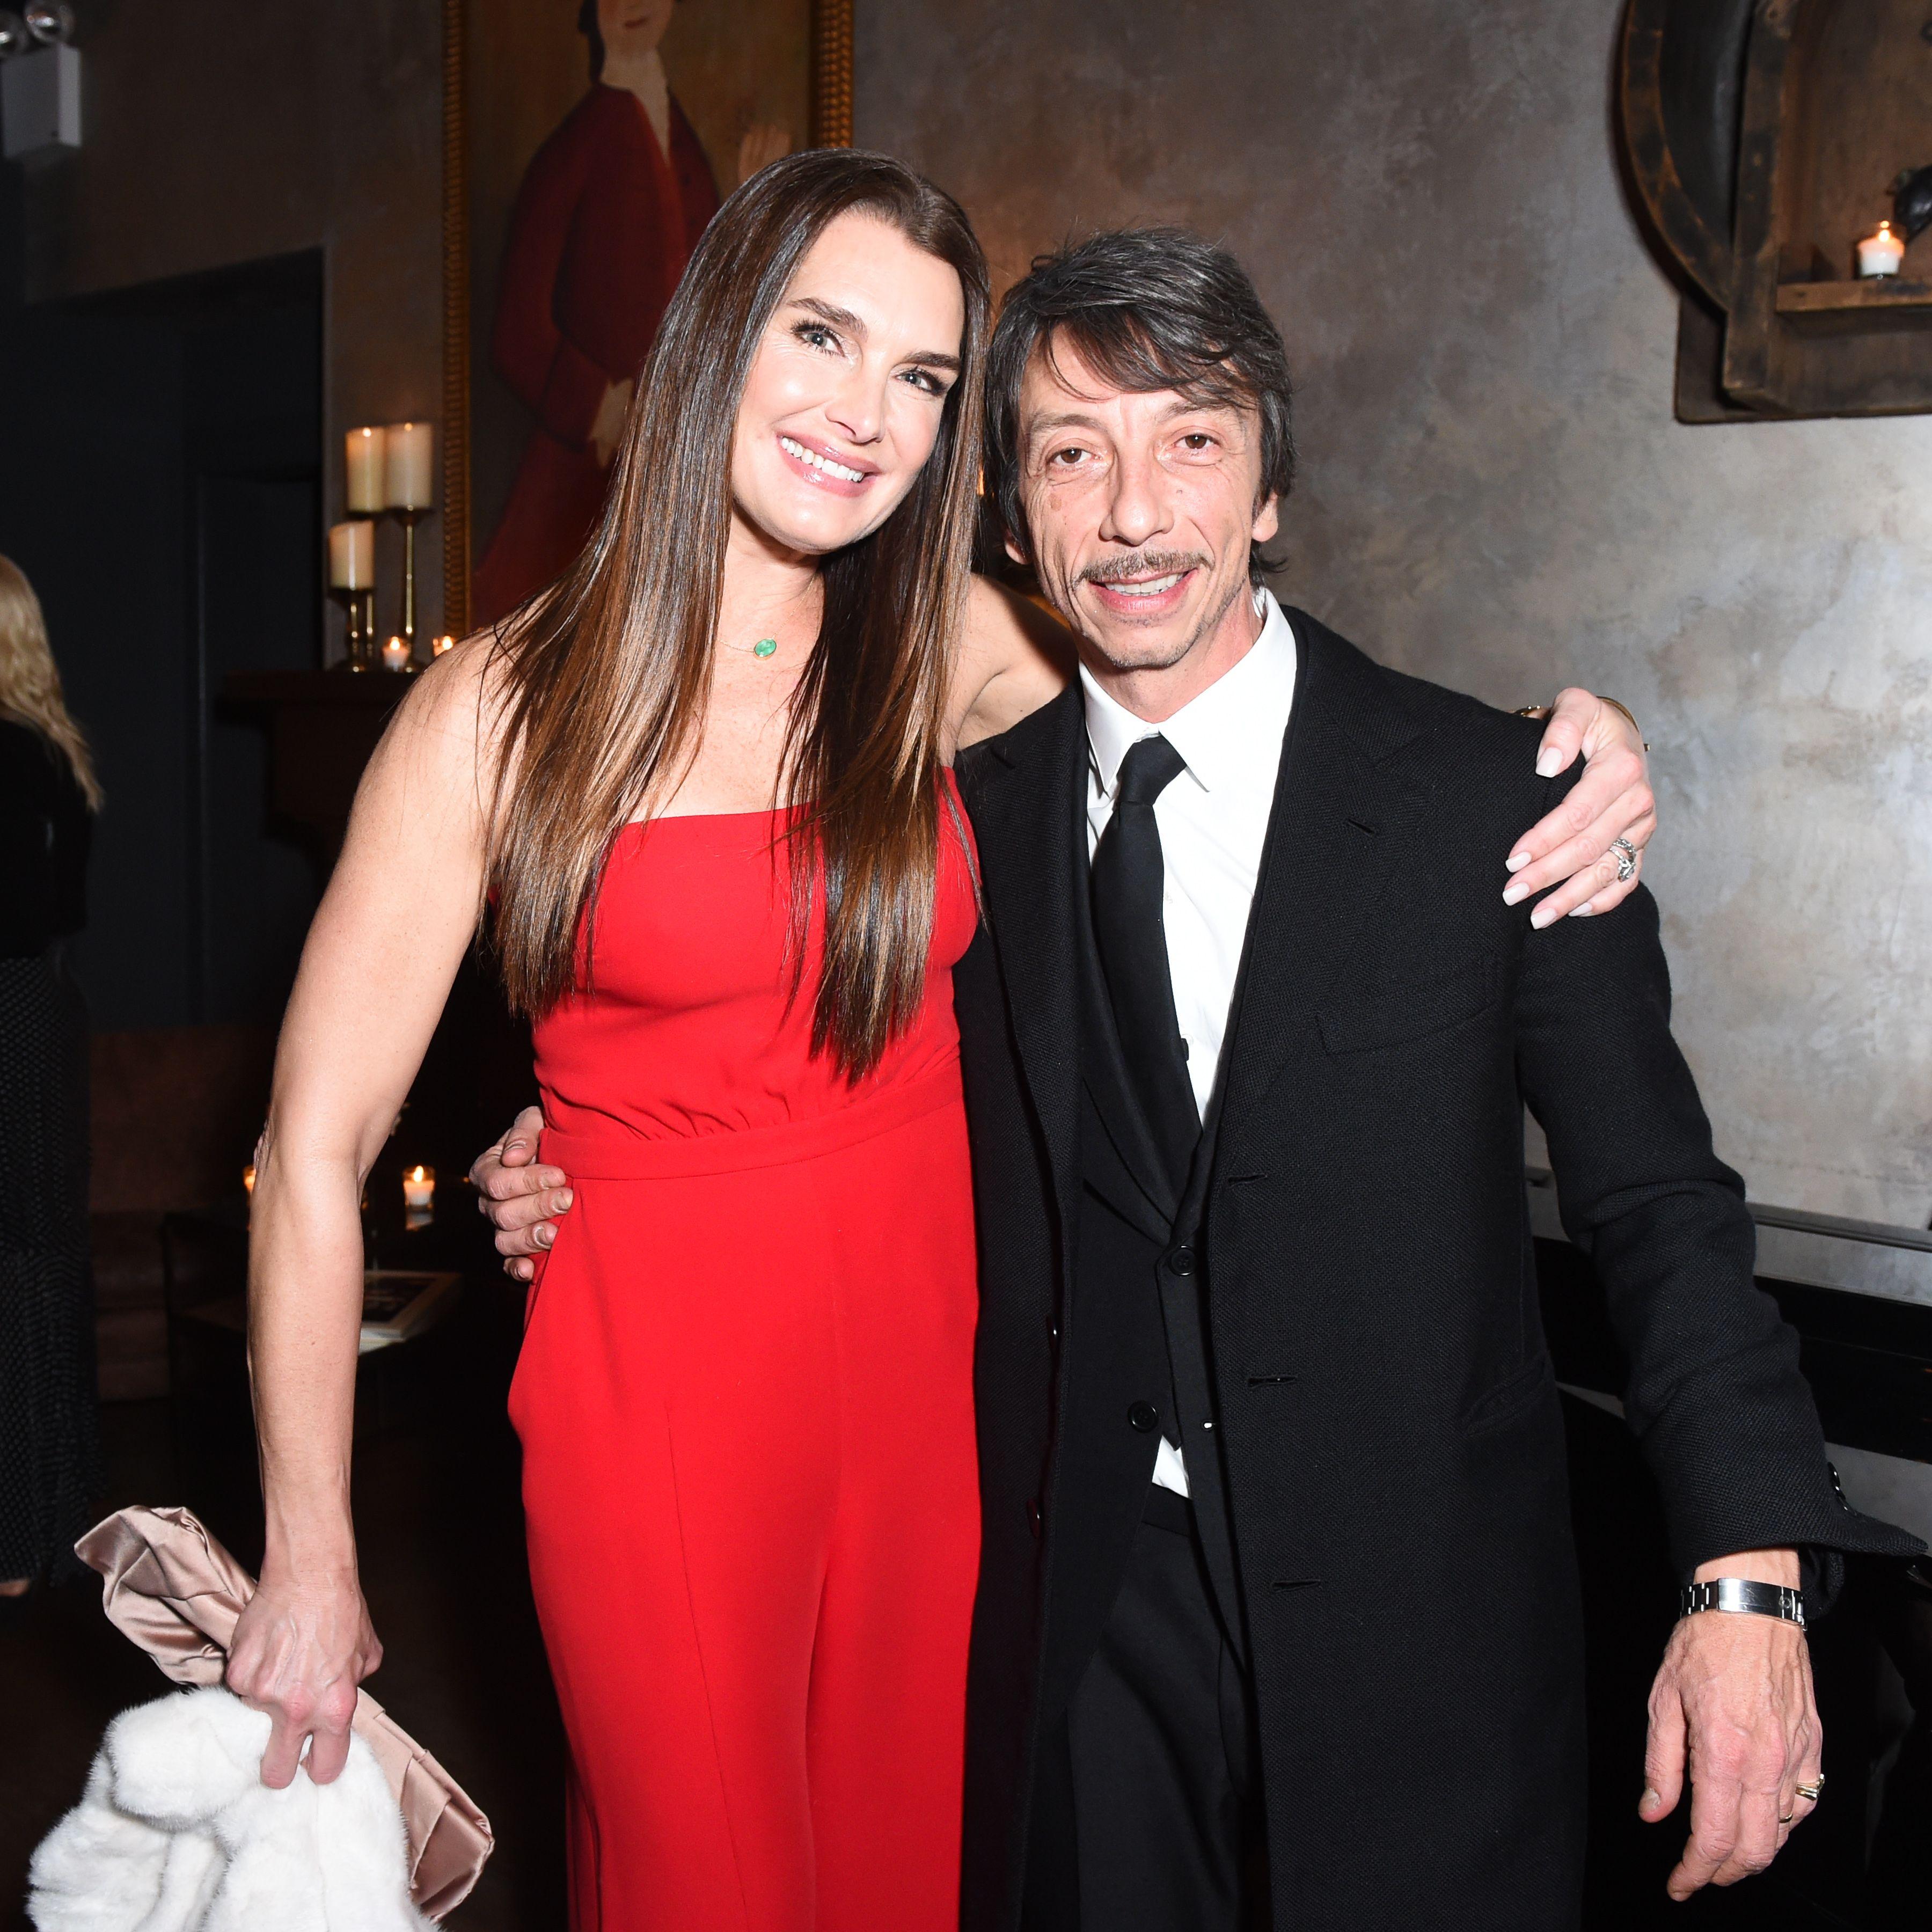 Brooke Shields and Pierpaolo Piccioli.